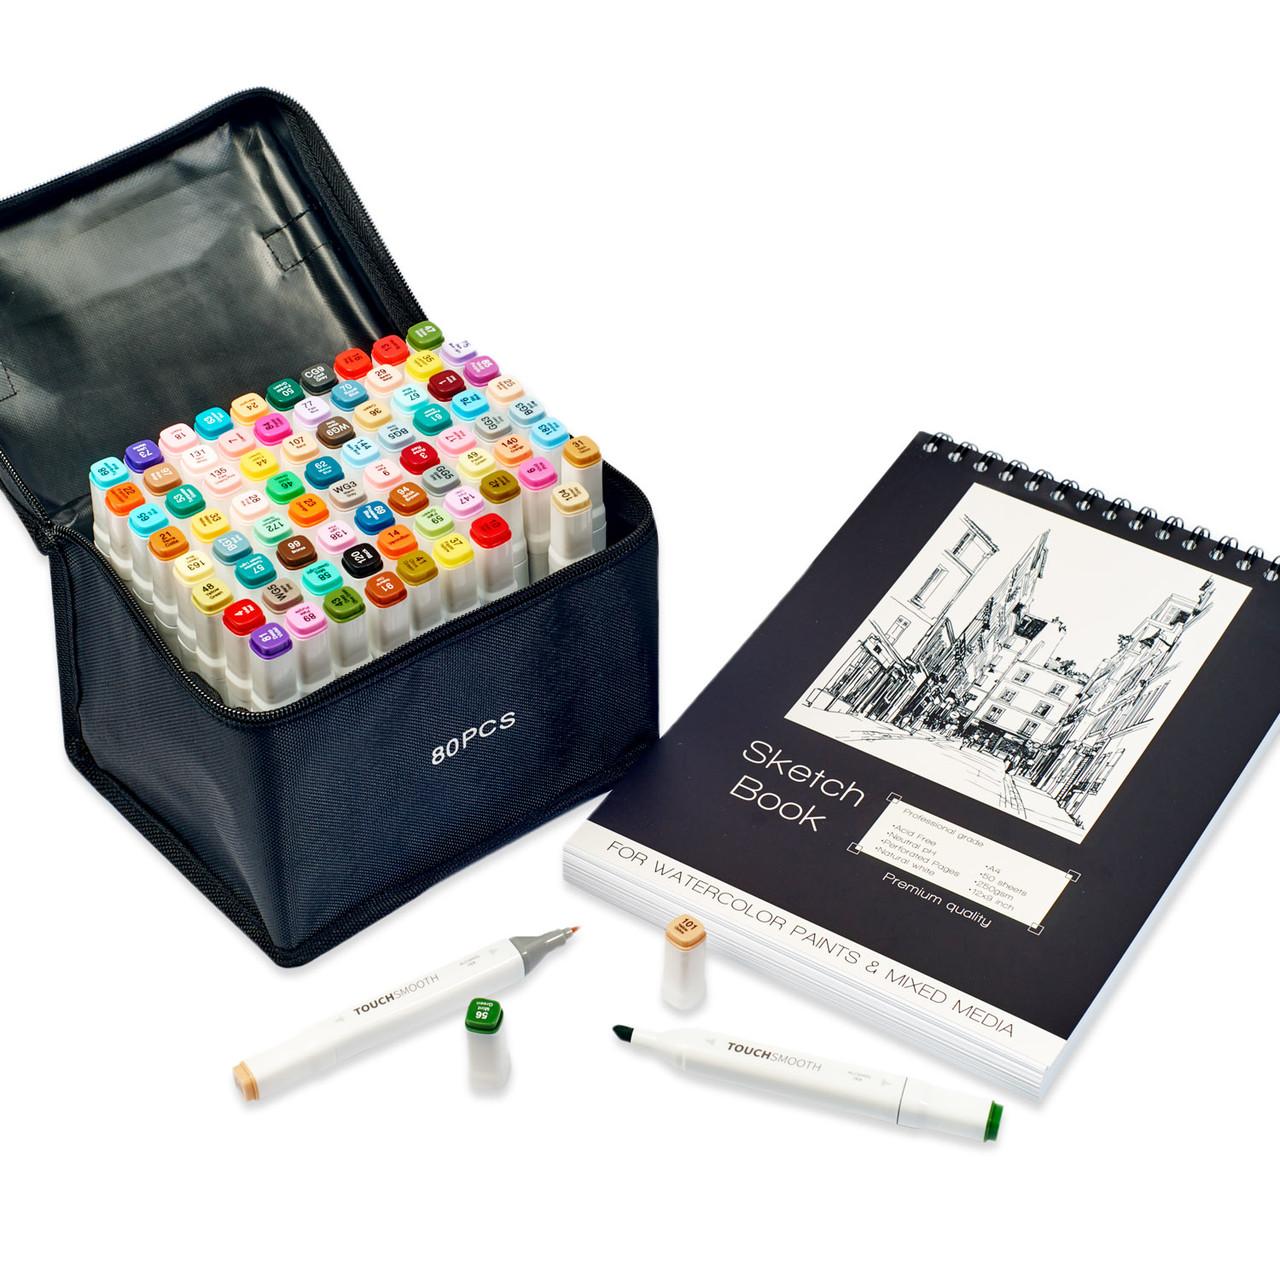 Профессиональные двухсторонние спиртовые маркеры для художников Touch Smooth 80 шт + Скетчбук 50 листов А4